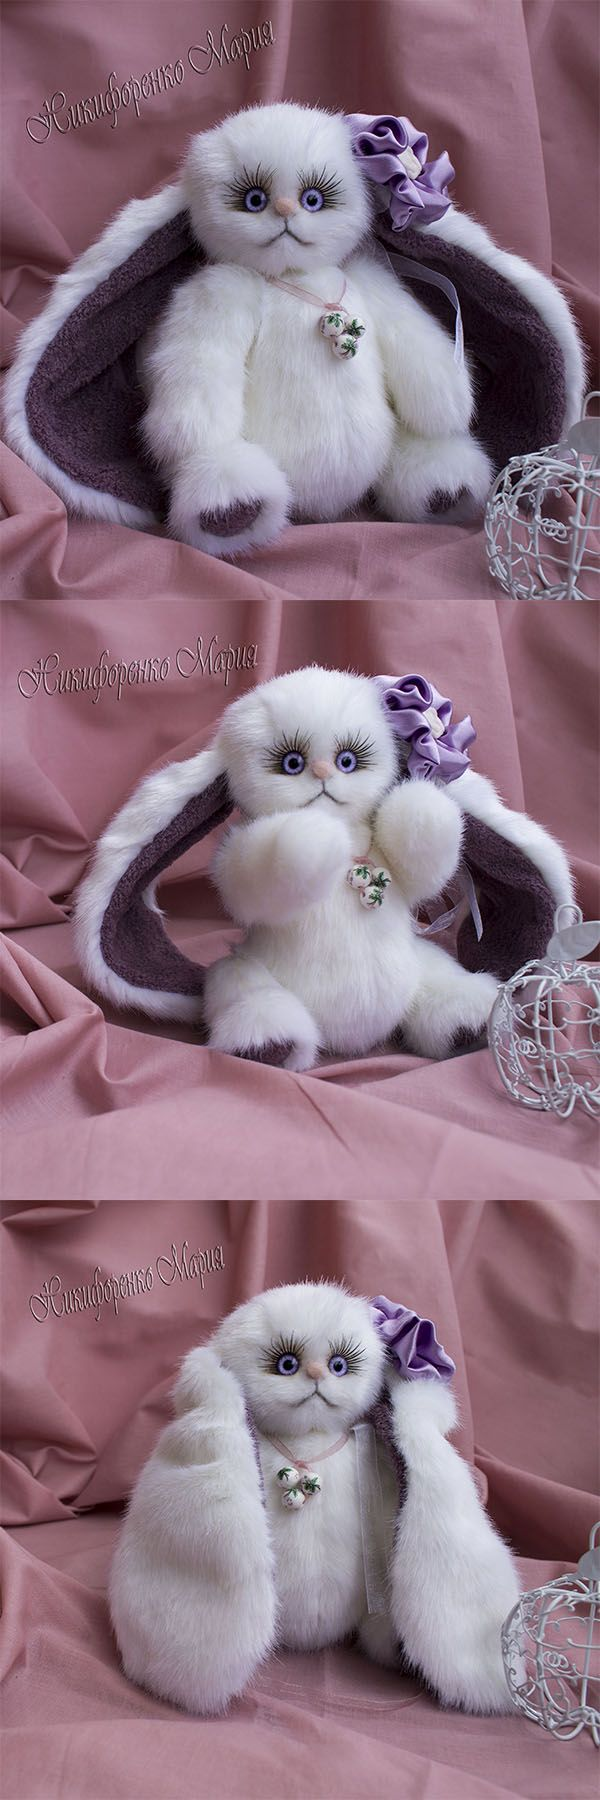 ЧУдеская зайка тедди Виолетта из белой искусственной итальянской норки.Рост 20 см.Подарит море радости и нежности! #зайка #зайка_тедди #лавандовая_зайка #подарок_девочке #подарок_девушке #подарок_женщине #игрушка #подарок_новый_год #gift_Christmas #белая_зайка #teddy #teddy_rabbit #rabbit #white_rabbit #gift_for_her #toy